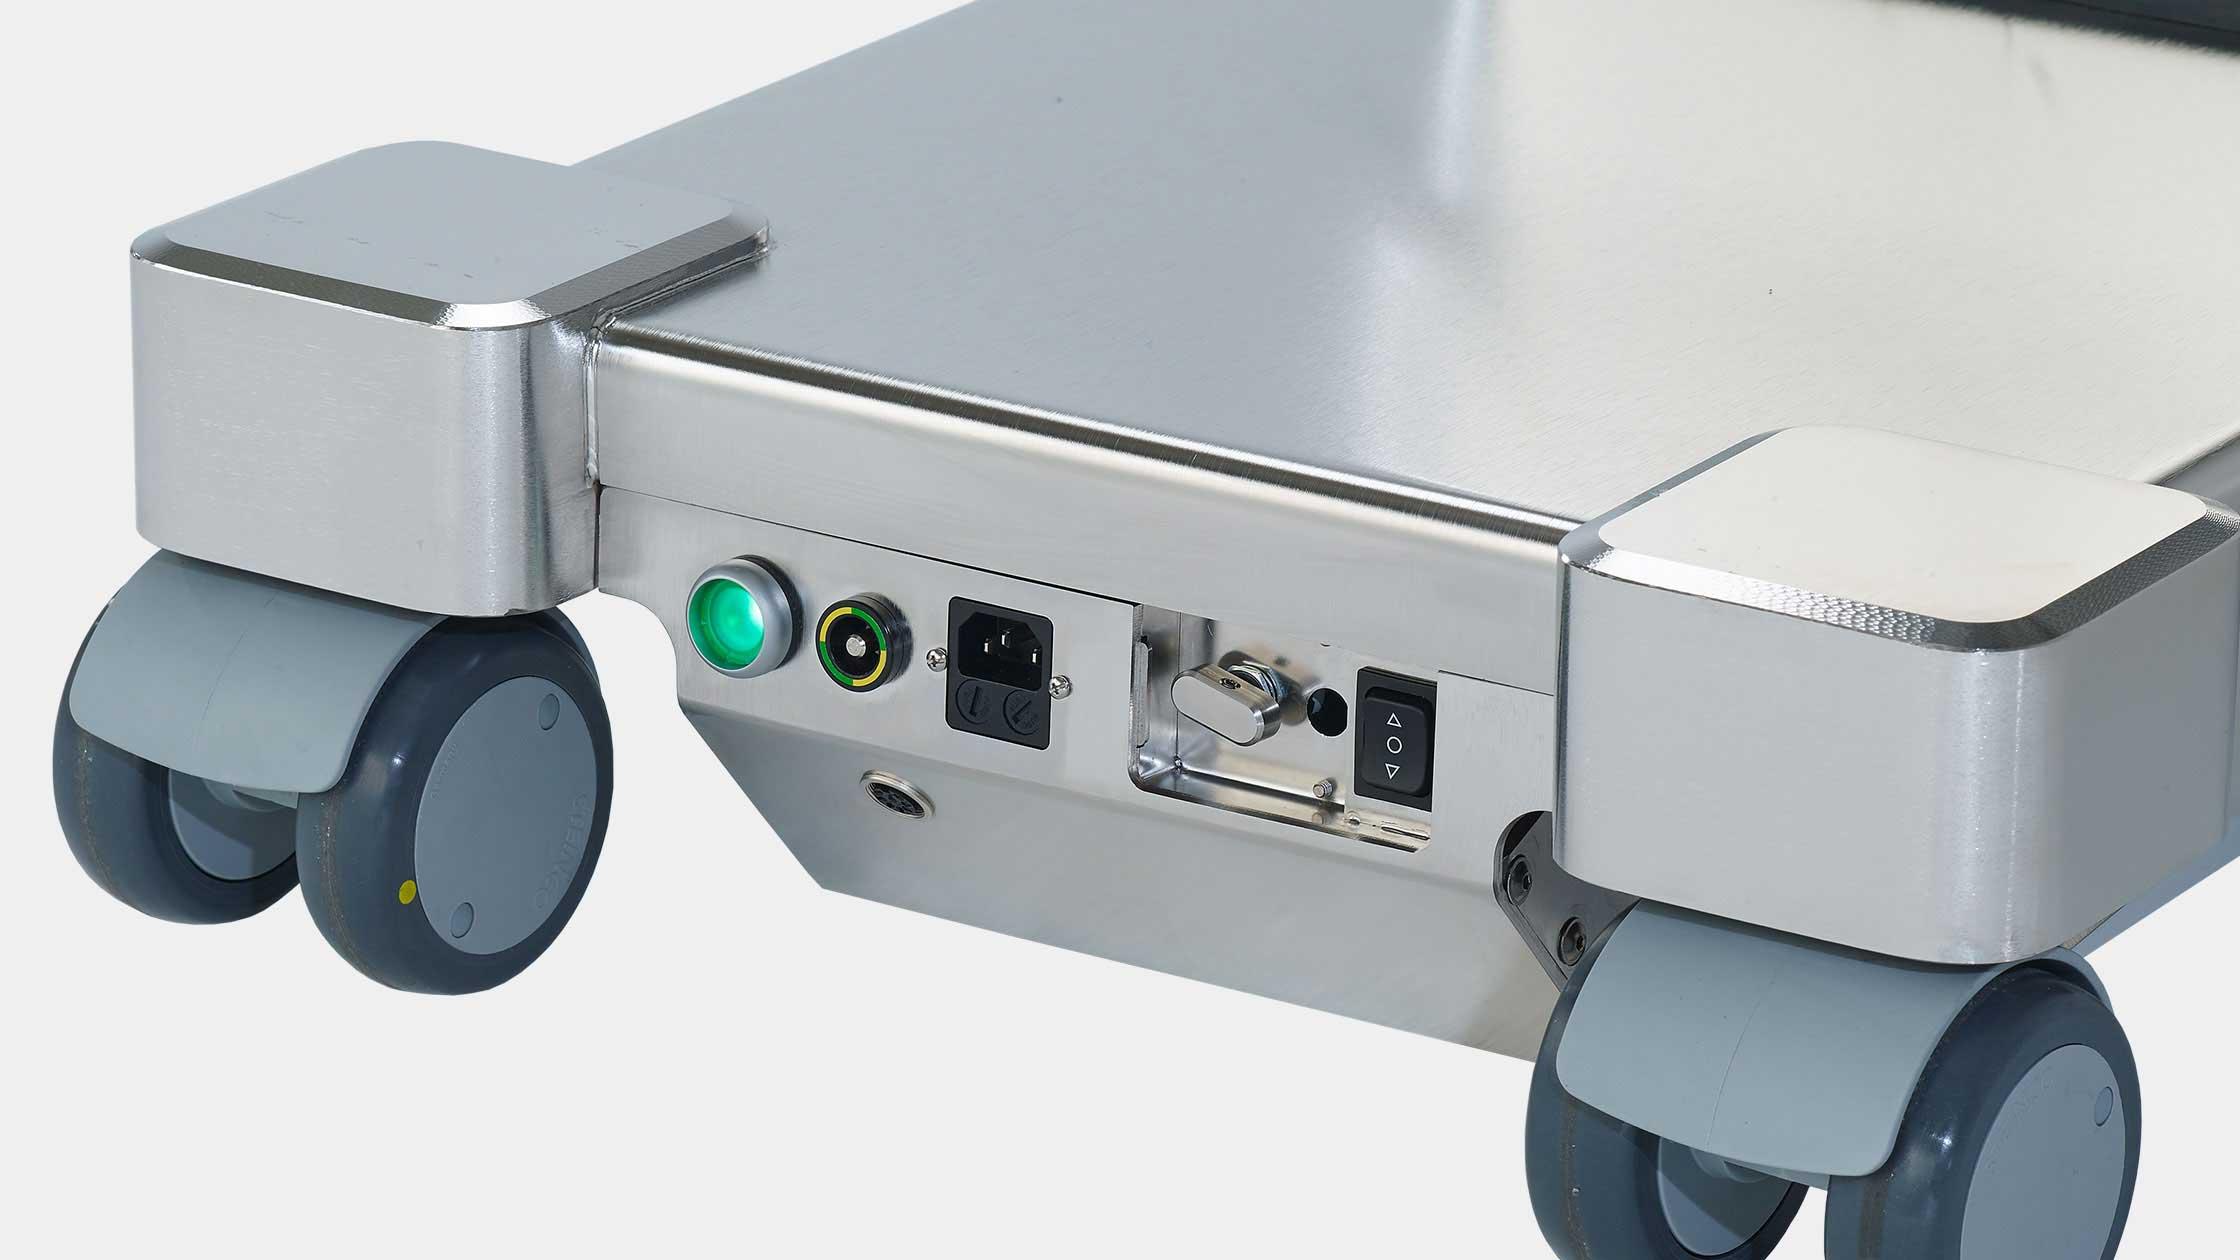 Back-up system for medifa 7000